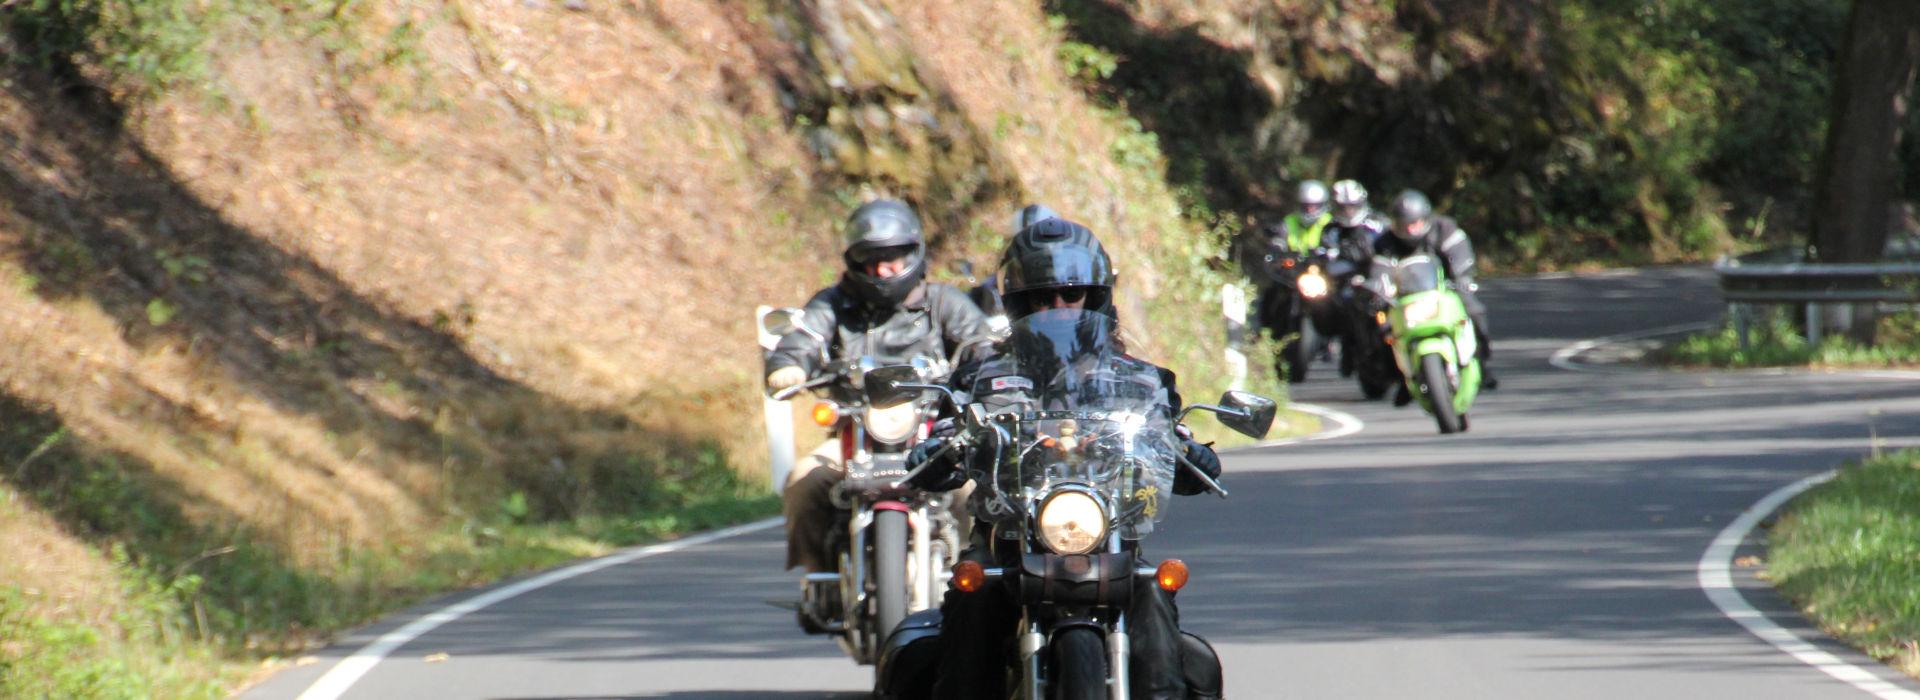 Motorrijbewijspoint Rozenburg spoed motorrijbewijs